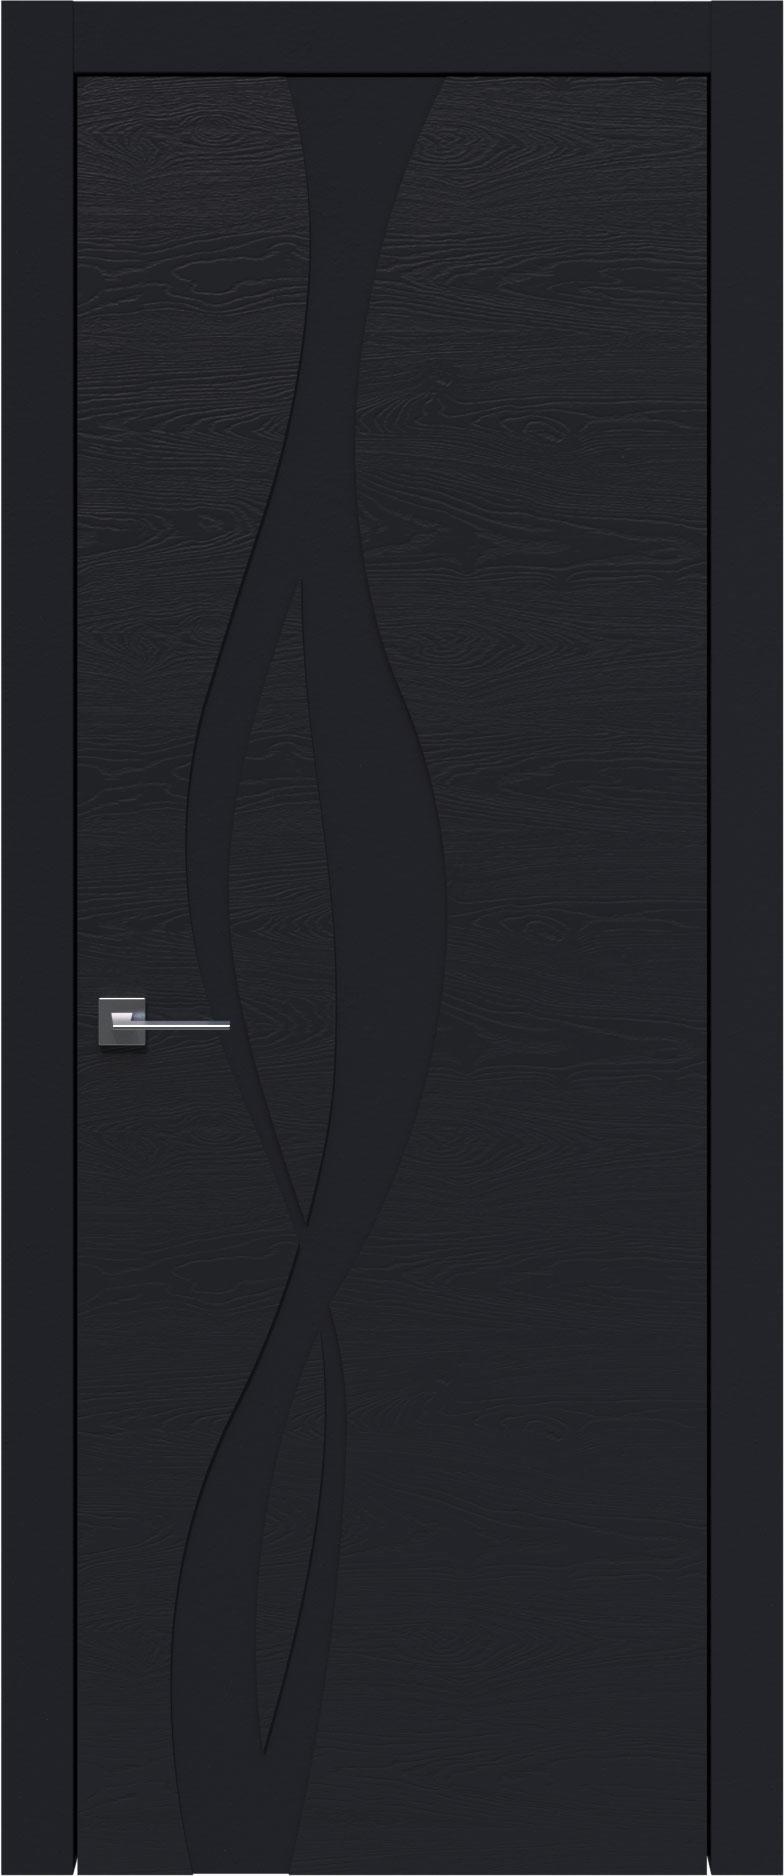 Tivoli Г-5 цвет - Черная эмаль по шпону (RAL 9004) Без стекла (ДГ)